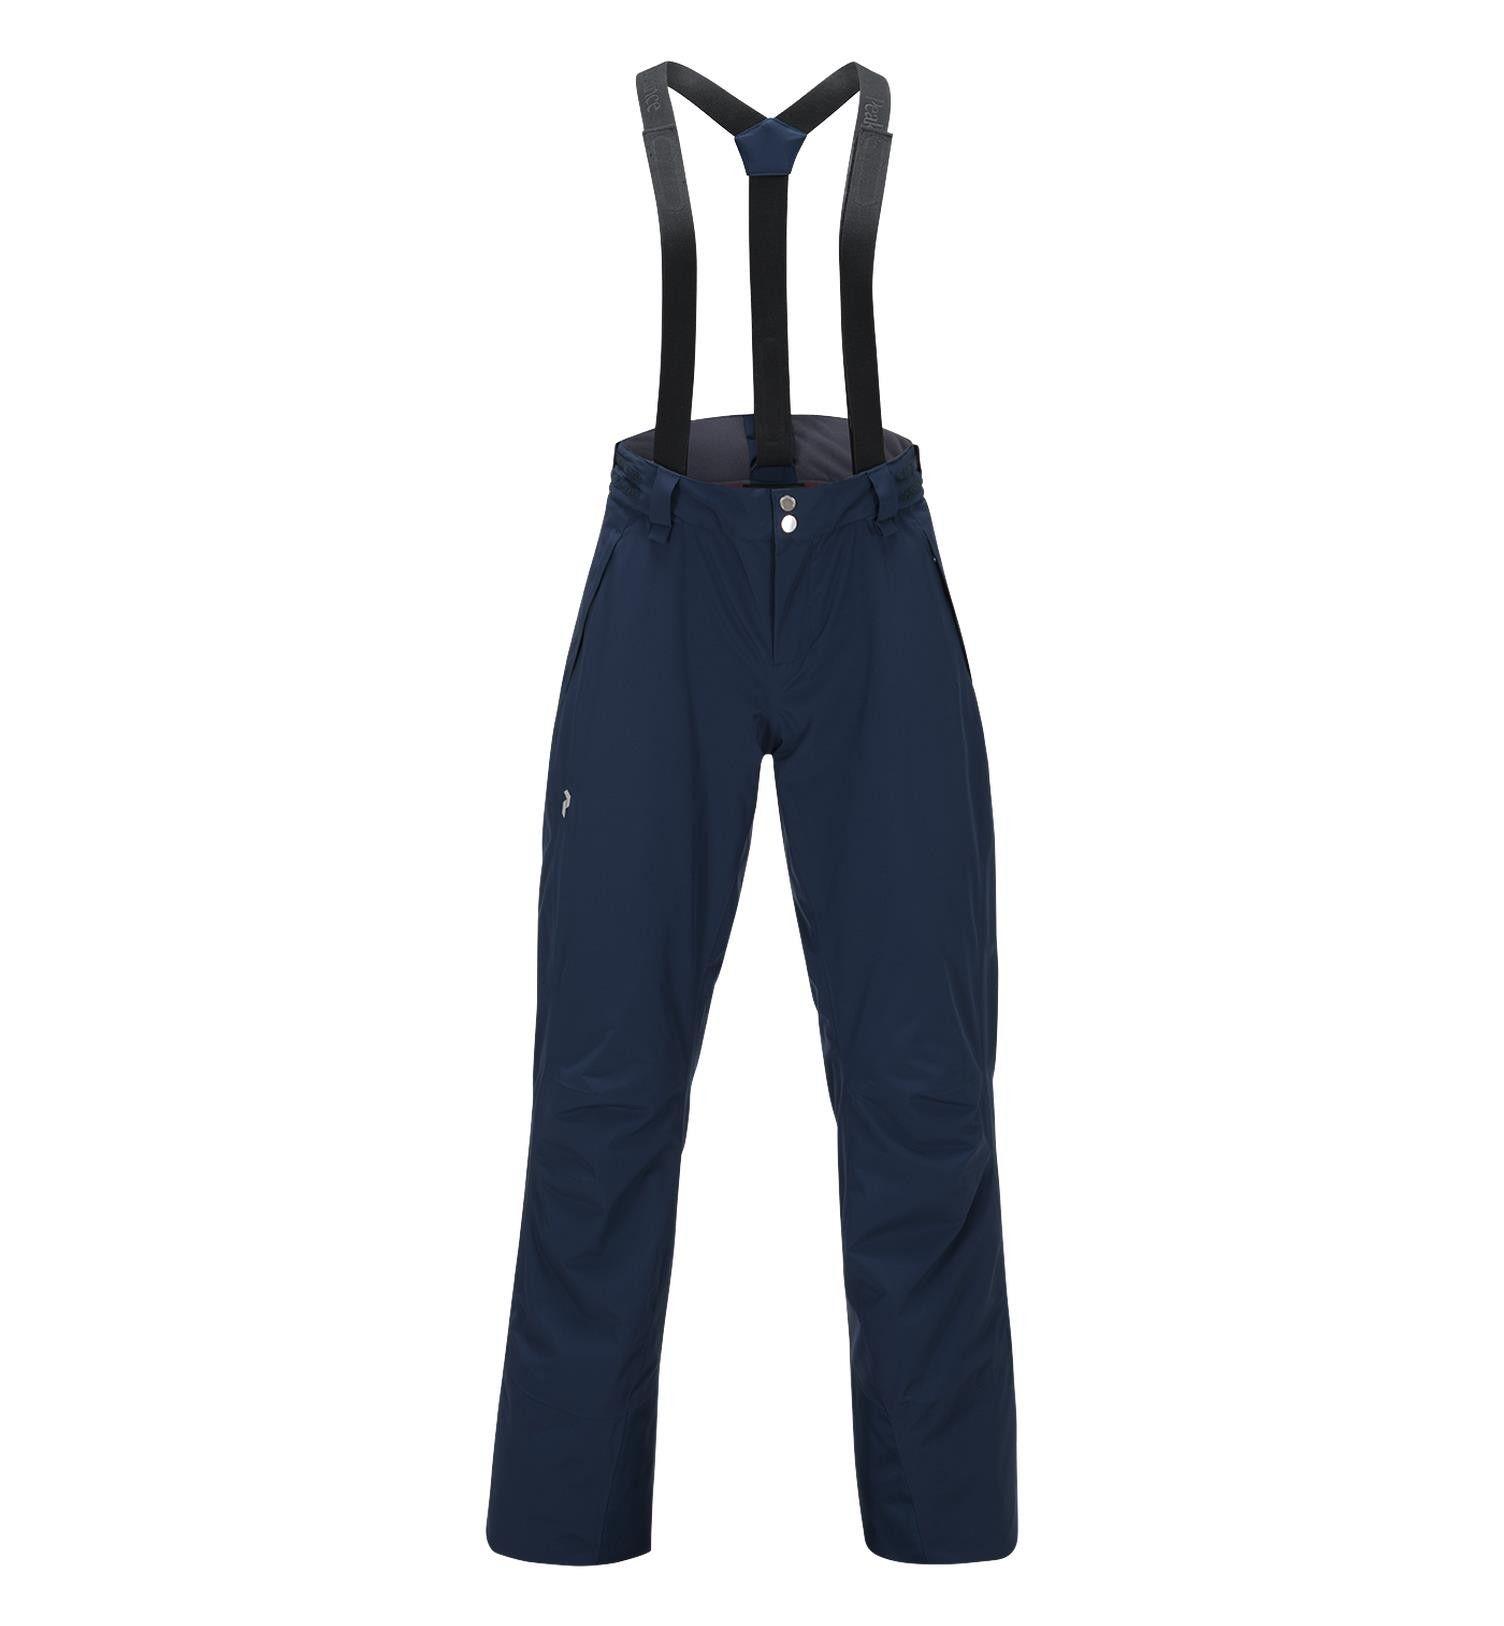 Peak Performance Anima Pants Blau, Female Hose, L